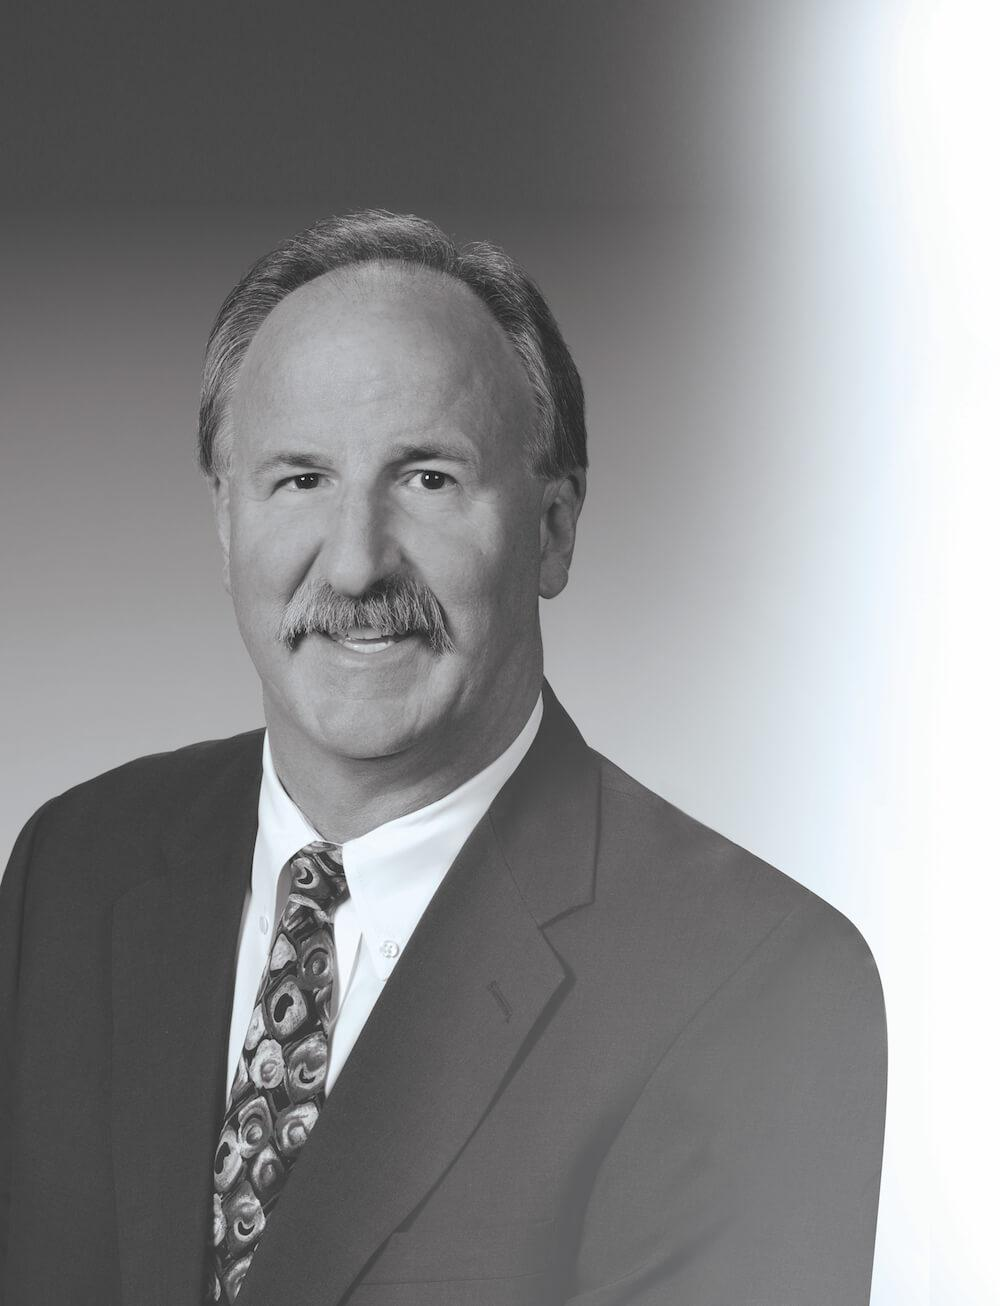 Rick Weisbarth